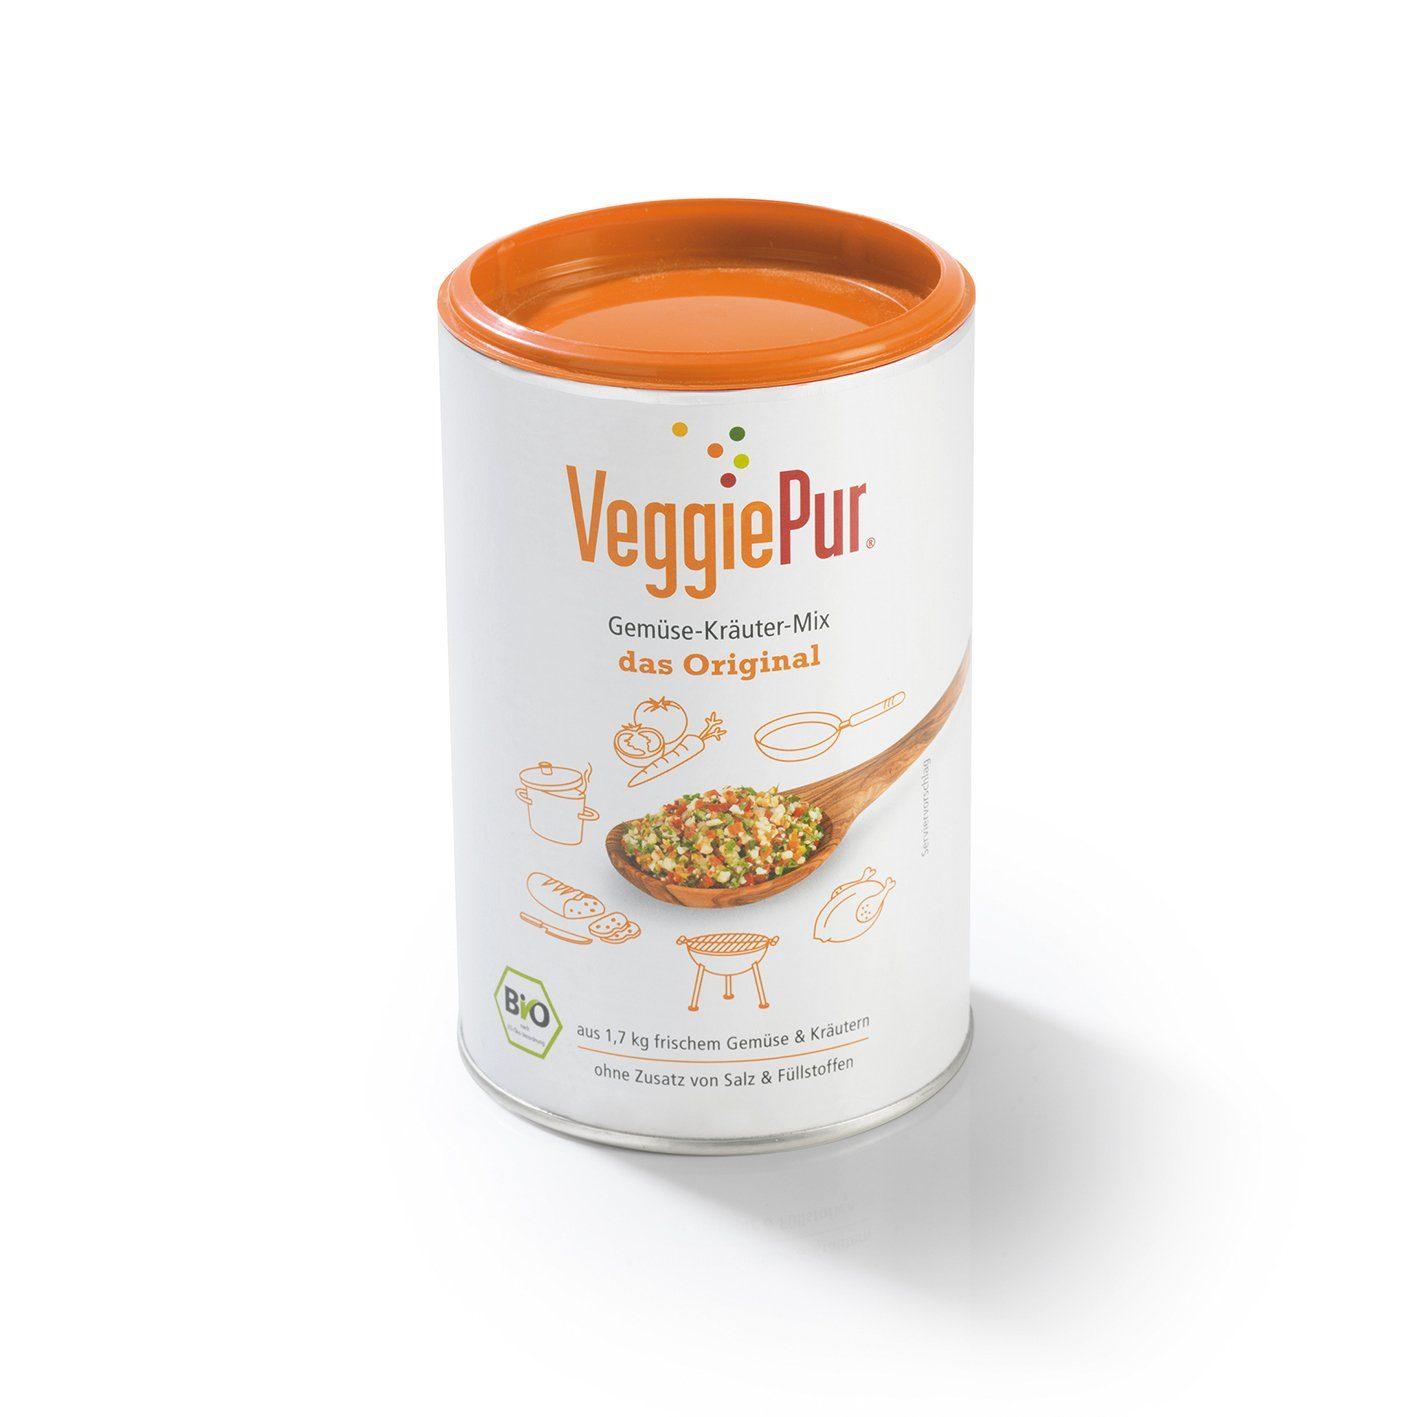 VeggiePur Bio Gemüse-Kräuter-Mix Original 130 g